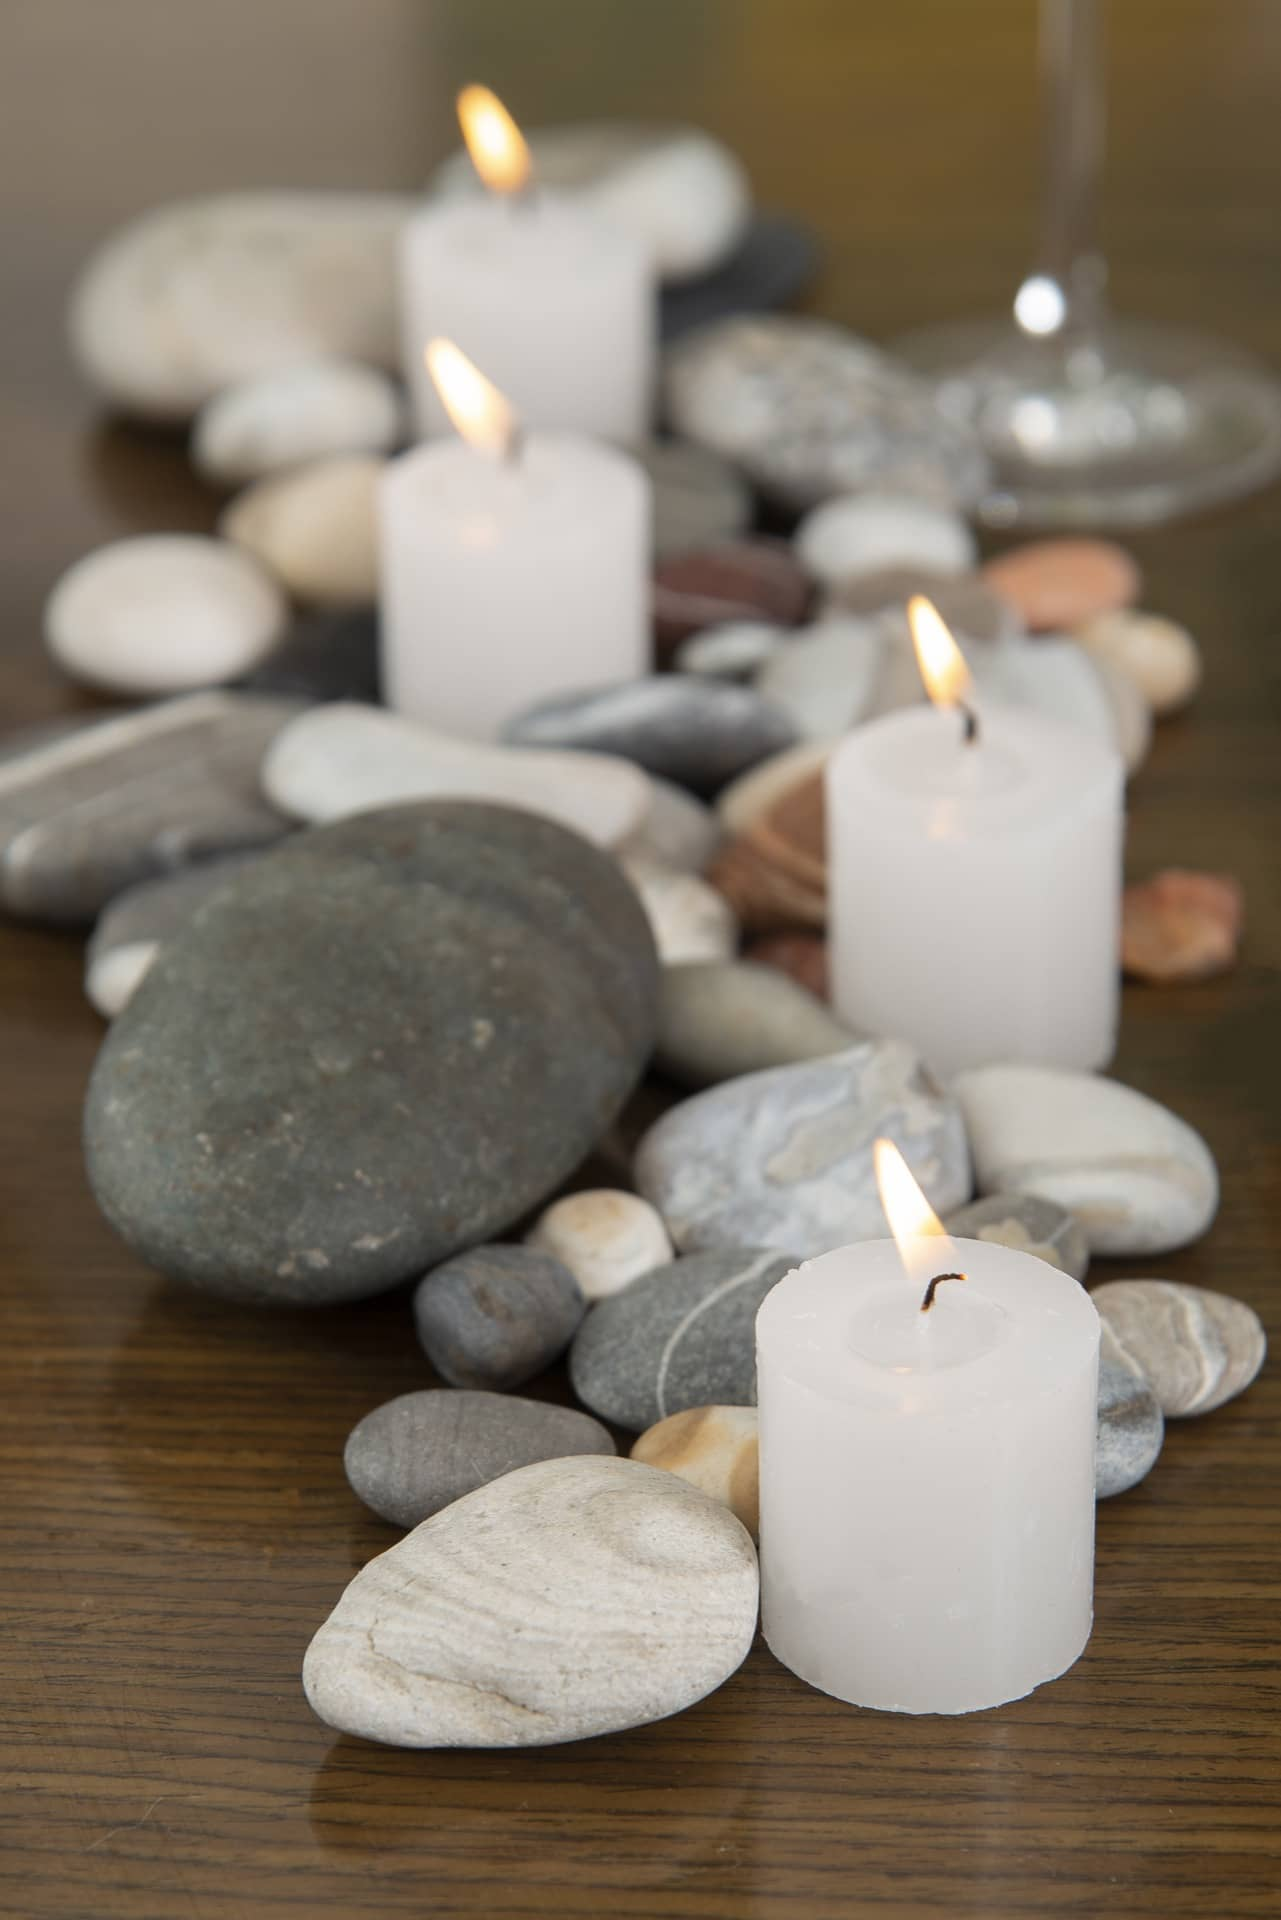 Imagem: Entre as ideias criativas para a mesa posta, esta é uma das mais simples e originais. Disponha seixos, de diferentes tamanhos e cores, junto a velas brancas, grossas e baixas. Foto: Cacá Bratke.